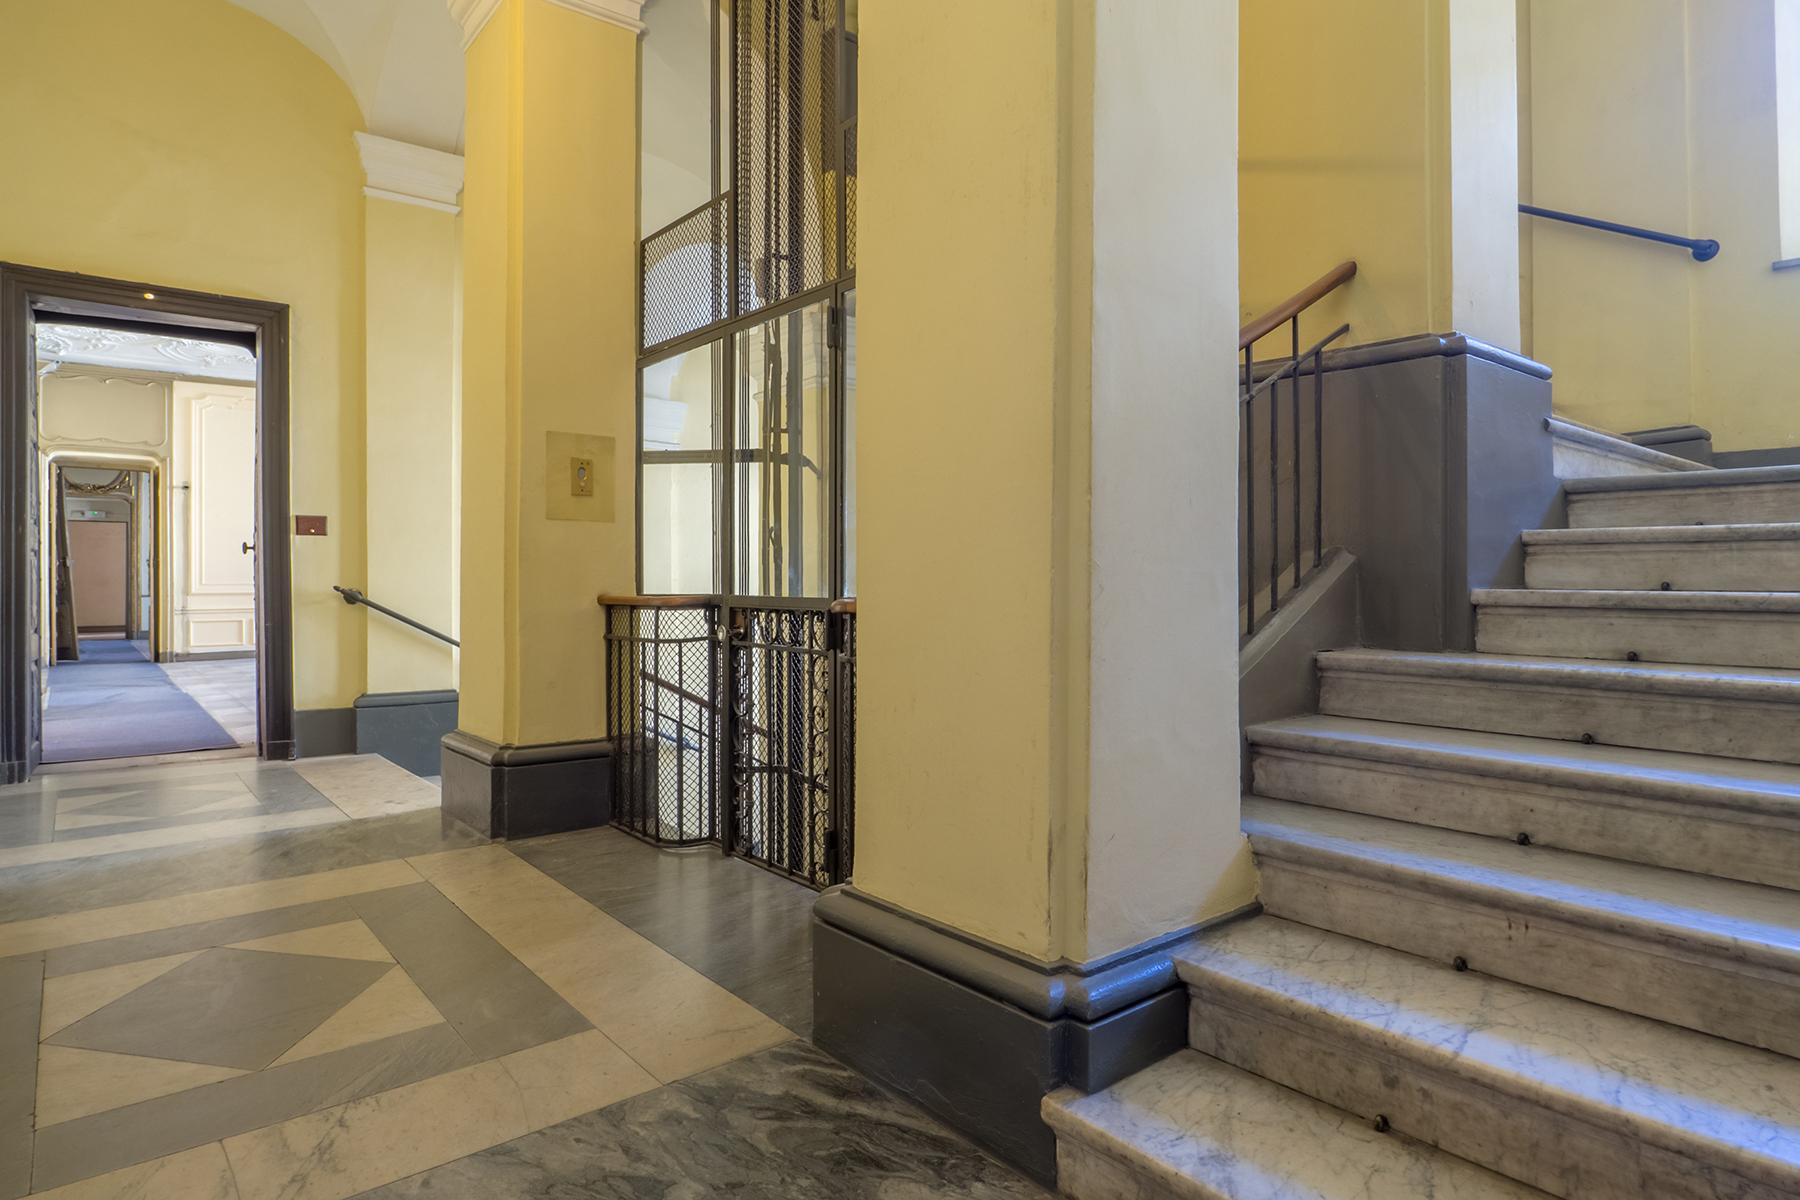 Ufficio-studio in Affitto a Torino: 5 locali, 337 mq - Foto 21